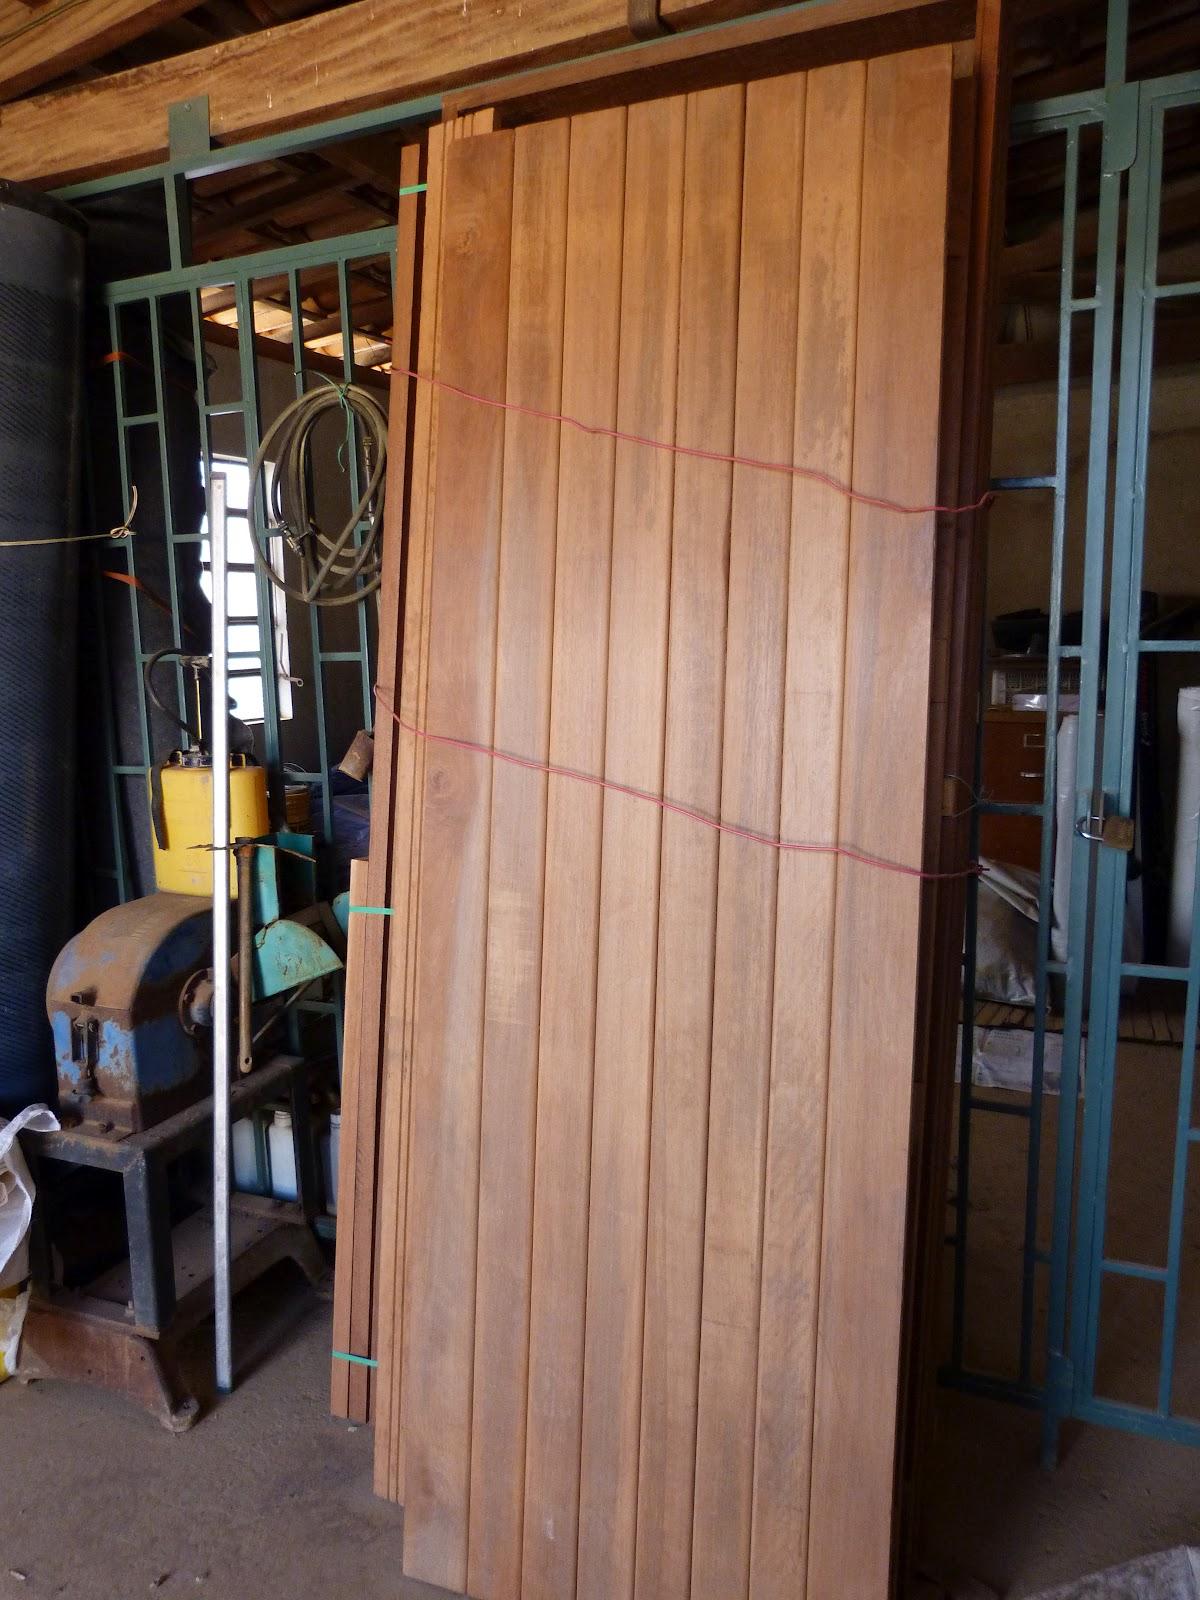 Trouxe umas fotos dos modelos das portas que usaremos em nossa casa  #936138 1200x1600